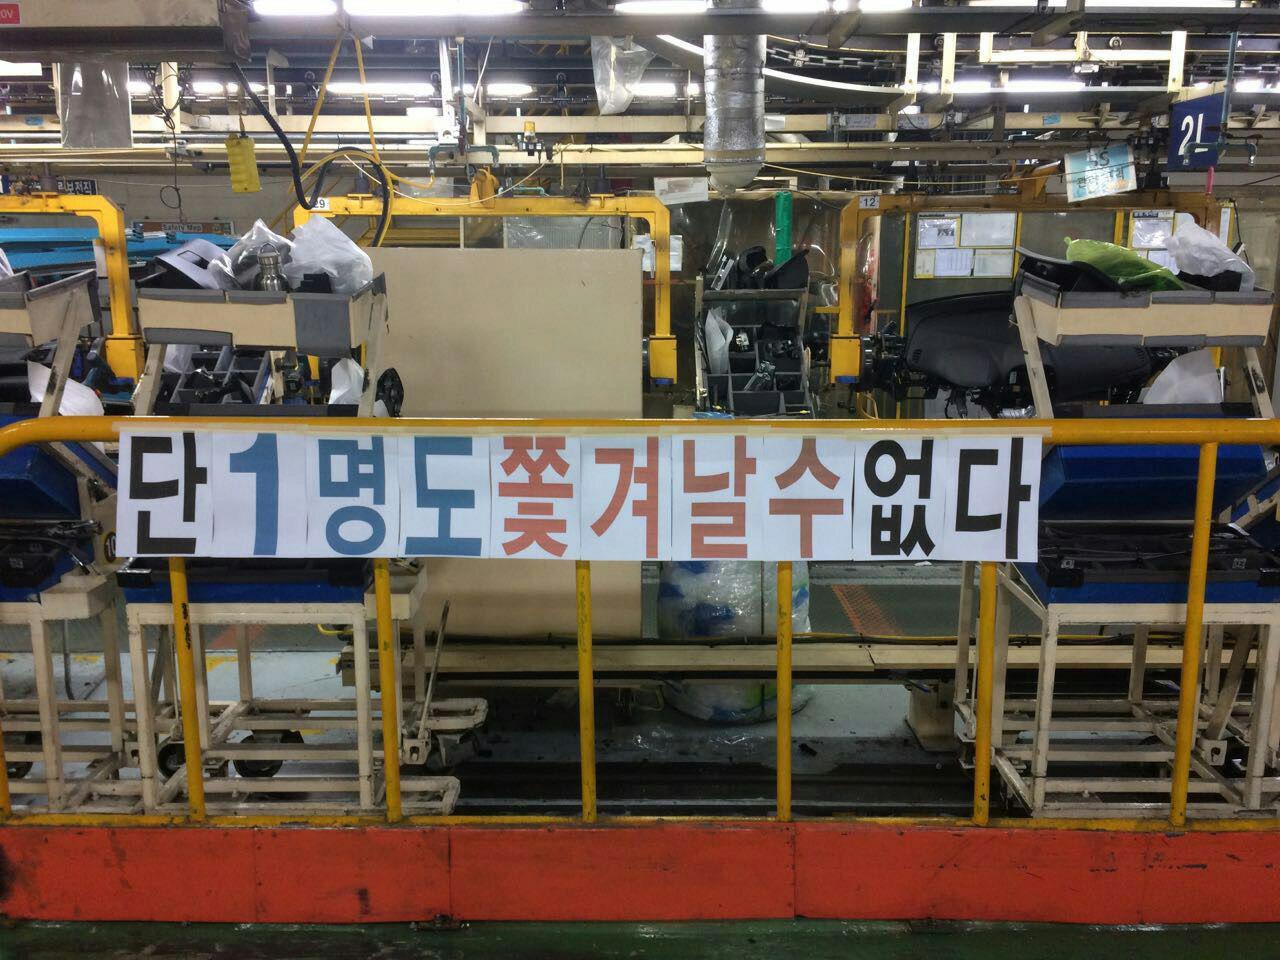 한국지엠 창원공장으로 가는 길 - 2016년 파업투쟁...